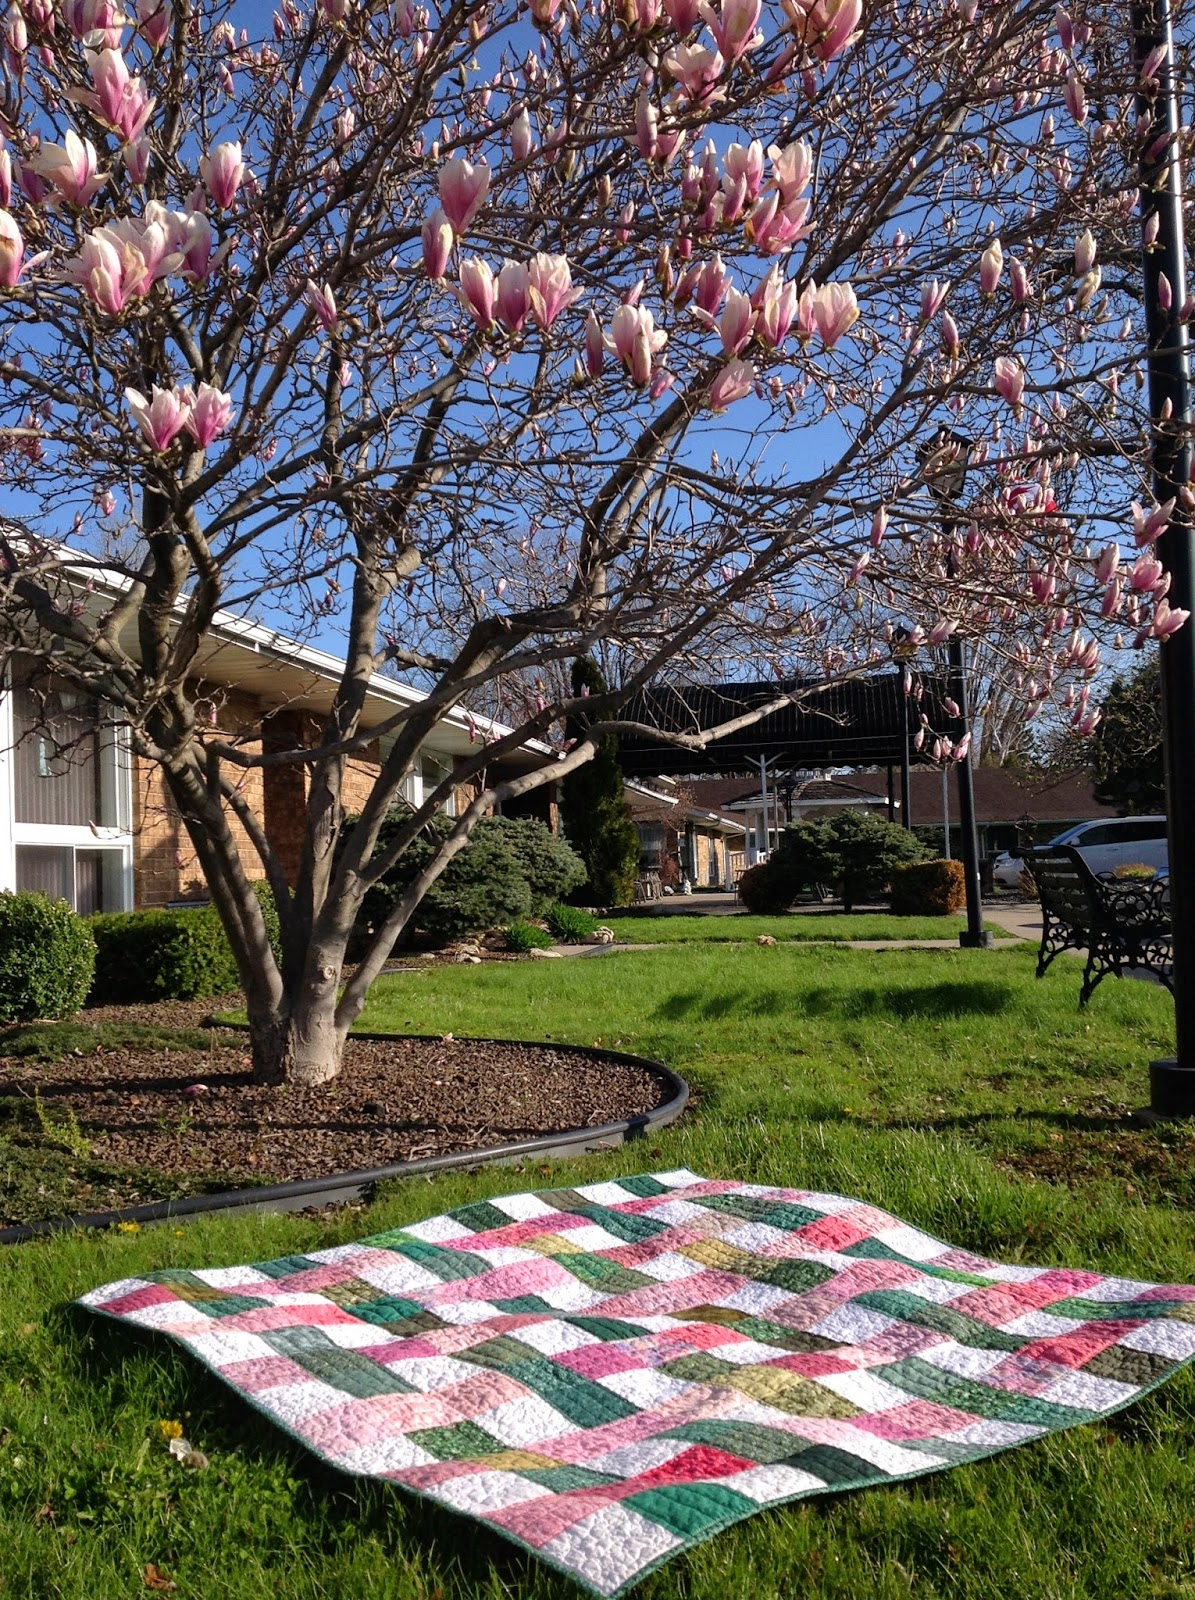 http://musingsofamenopausalmelon.blogspot.ca/2014/05/dogwood-picnic.html